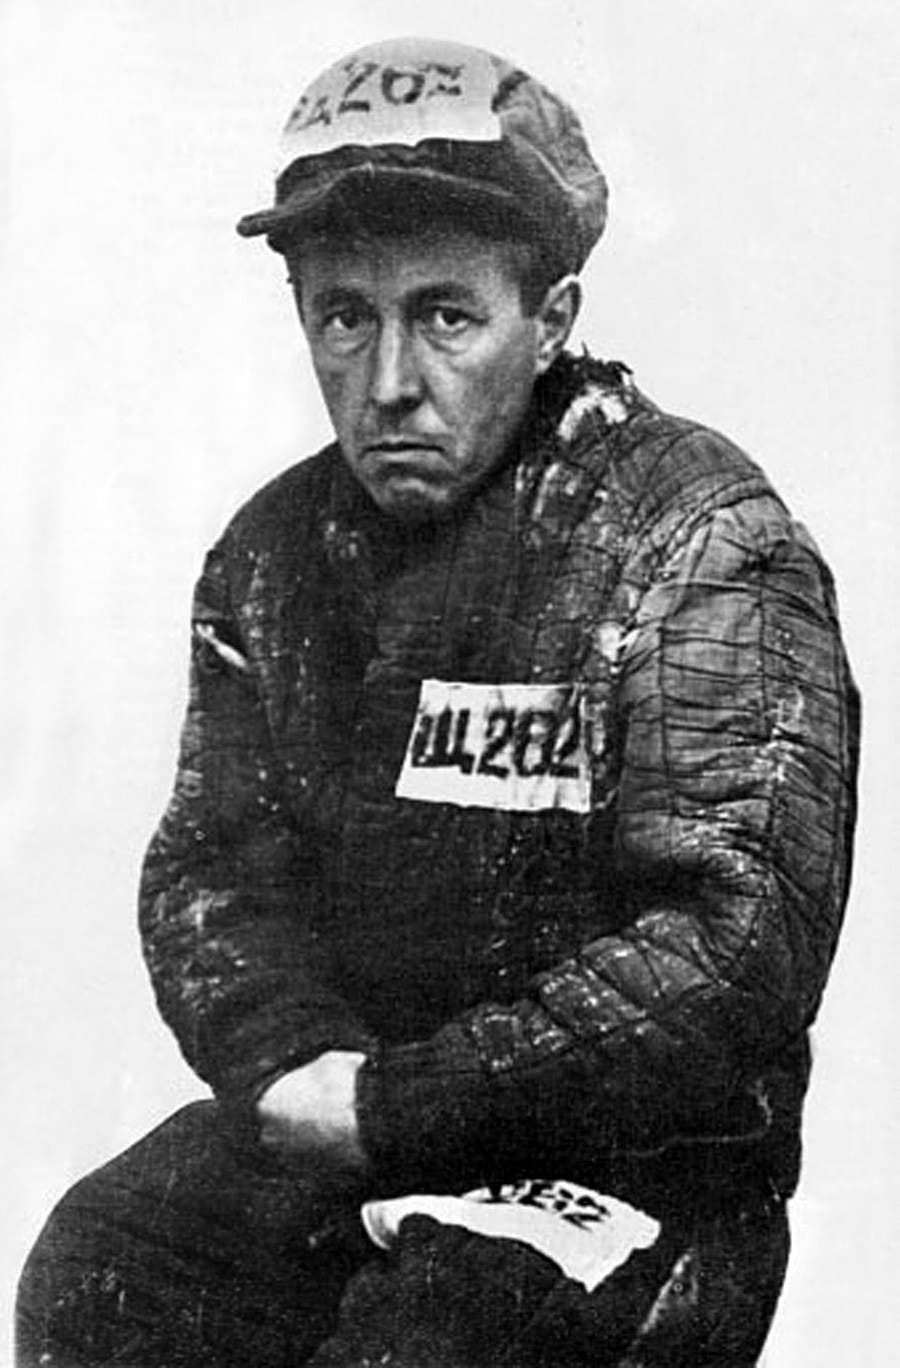 ألكسندر سولجنيتسين وهو يرتدي ثياب معتقل بالغولاغ